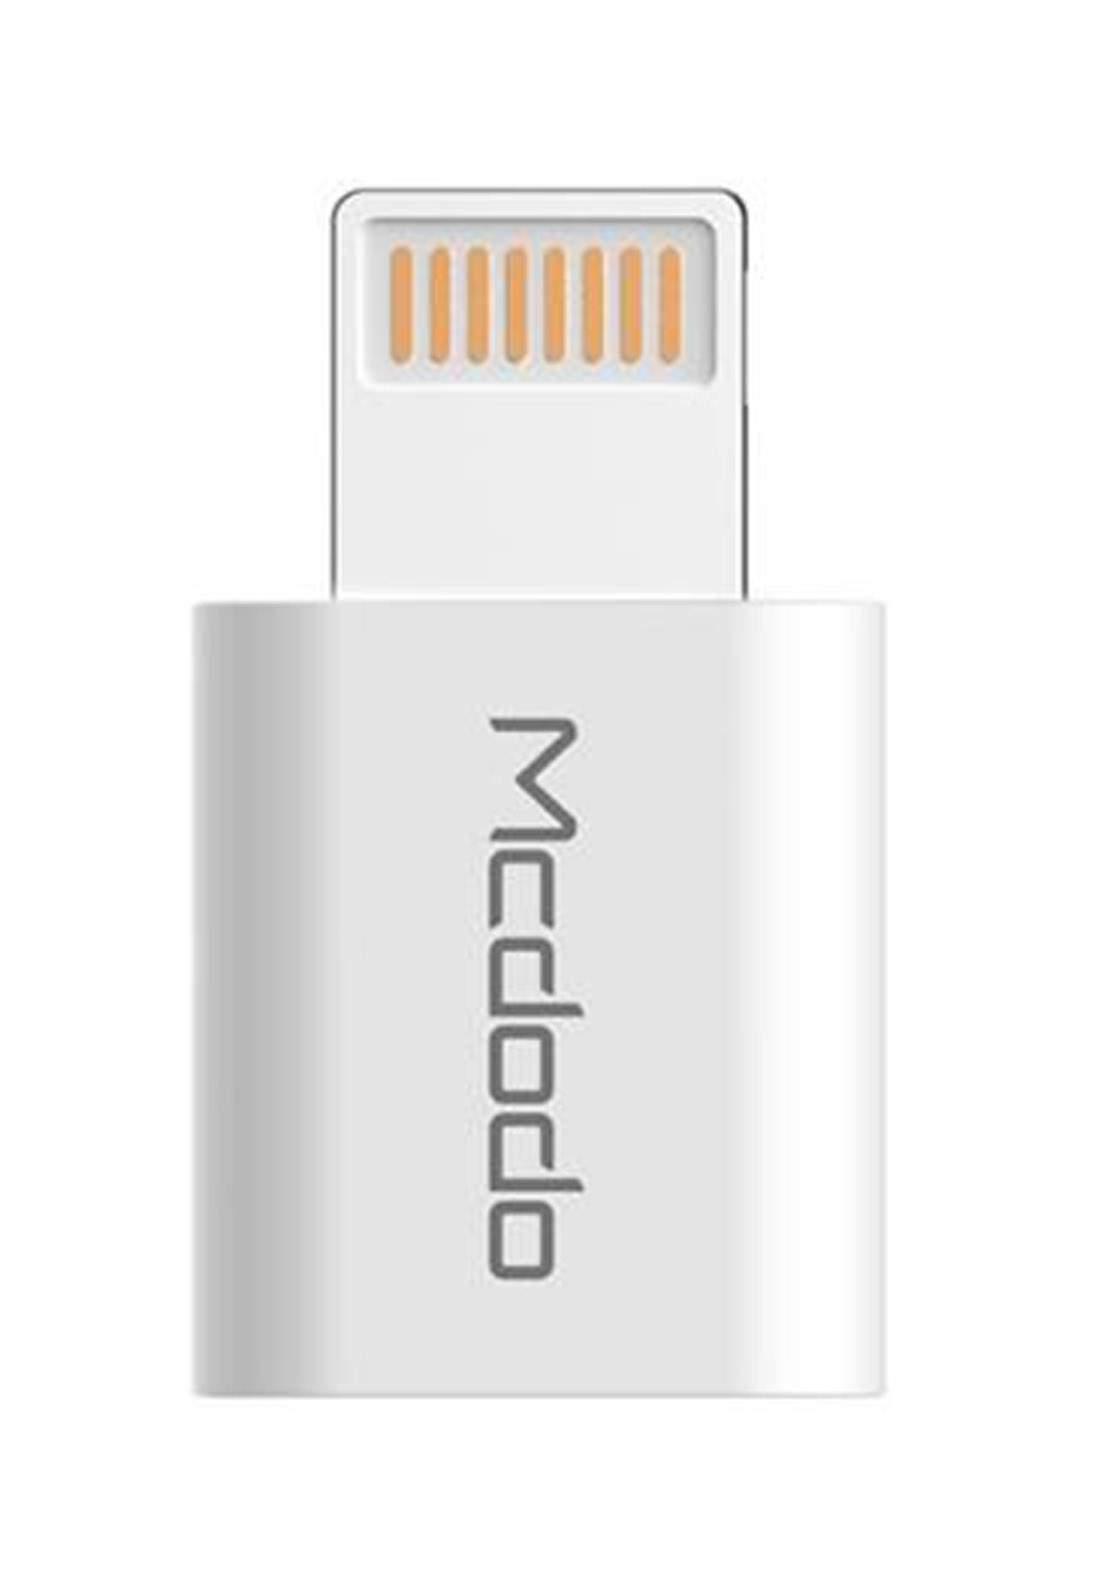 Mcdodo OT02140 Micro-USB to Lightning Adapter - White تحويلة